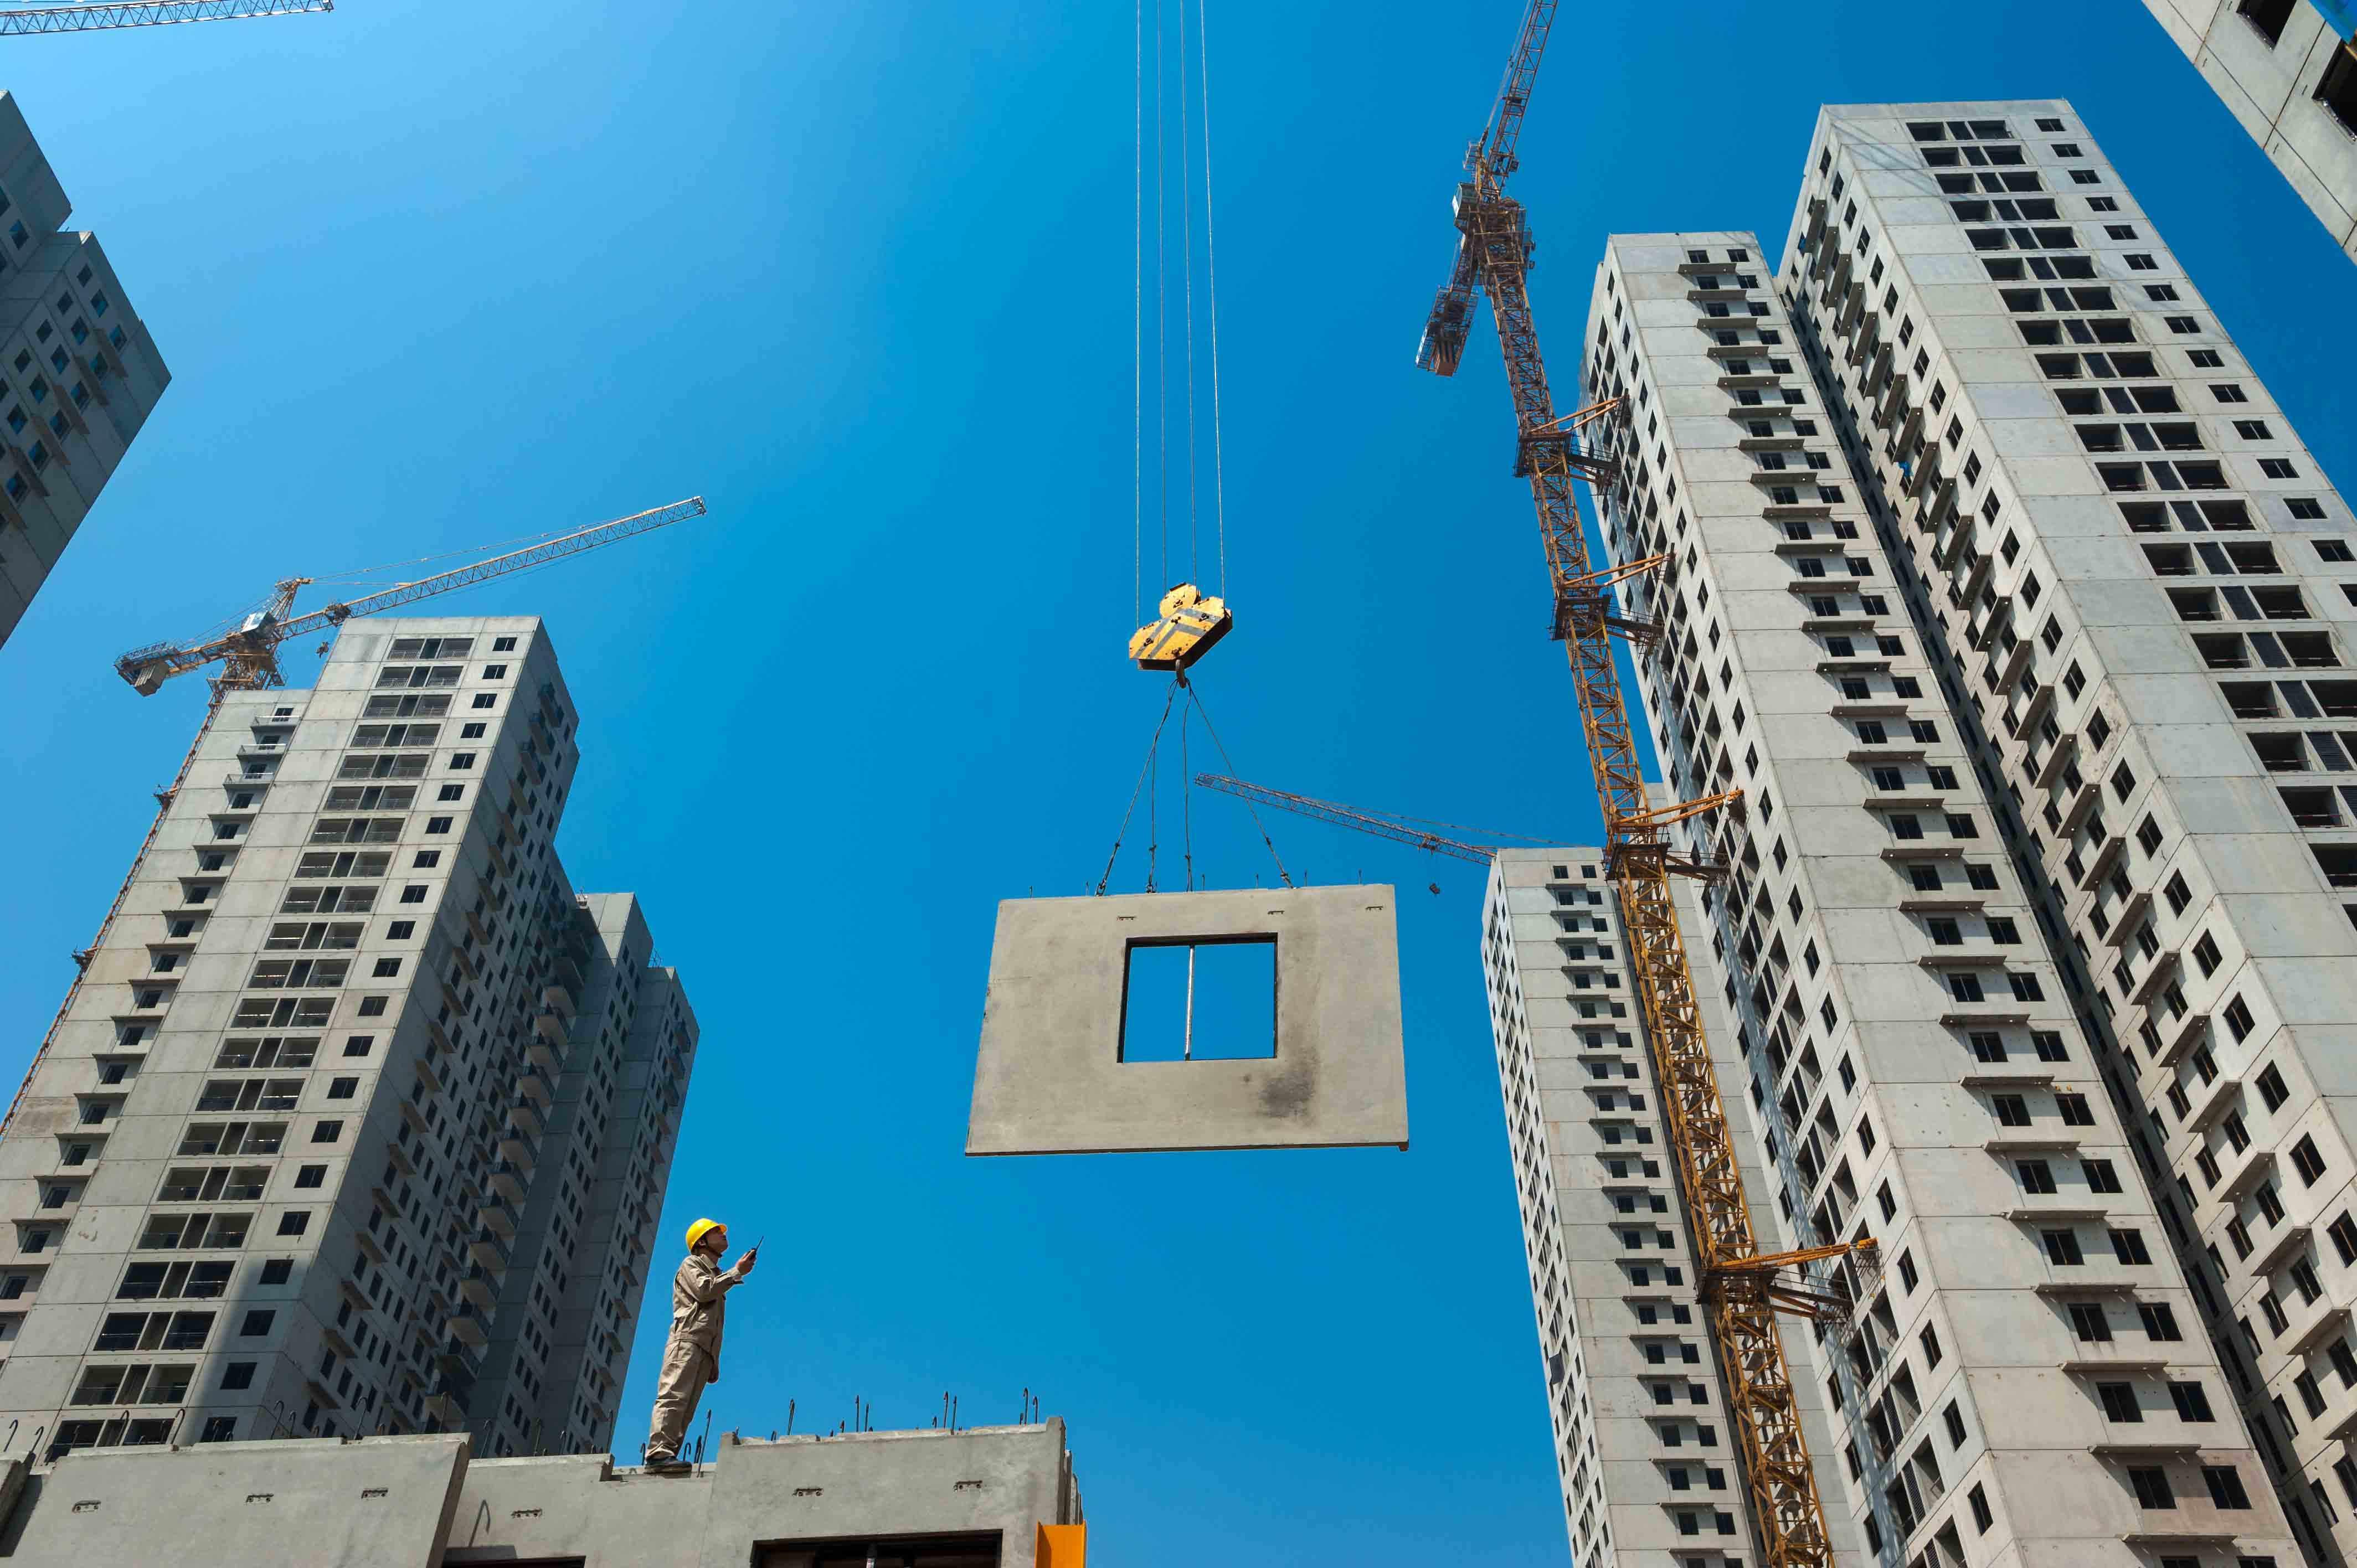 多地装配式建筑推进力度加码,激励政策如何精准落地备受关注